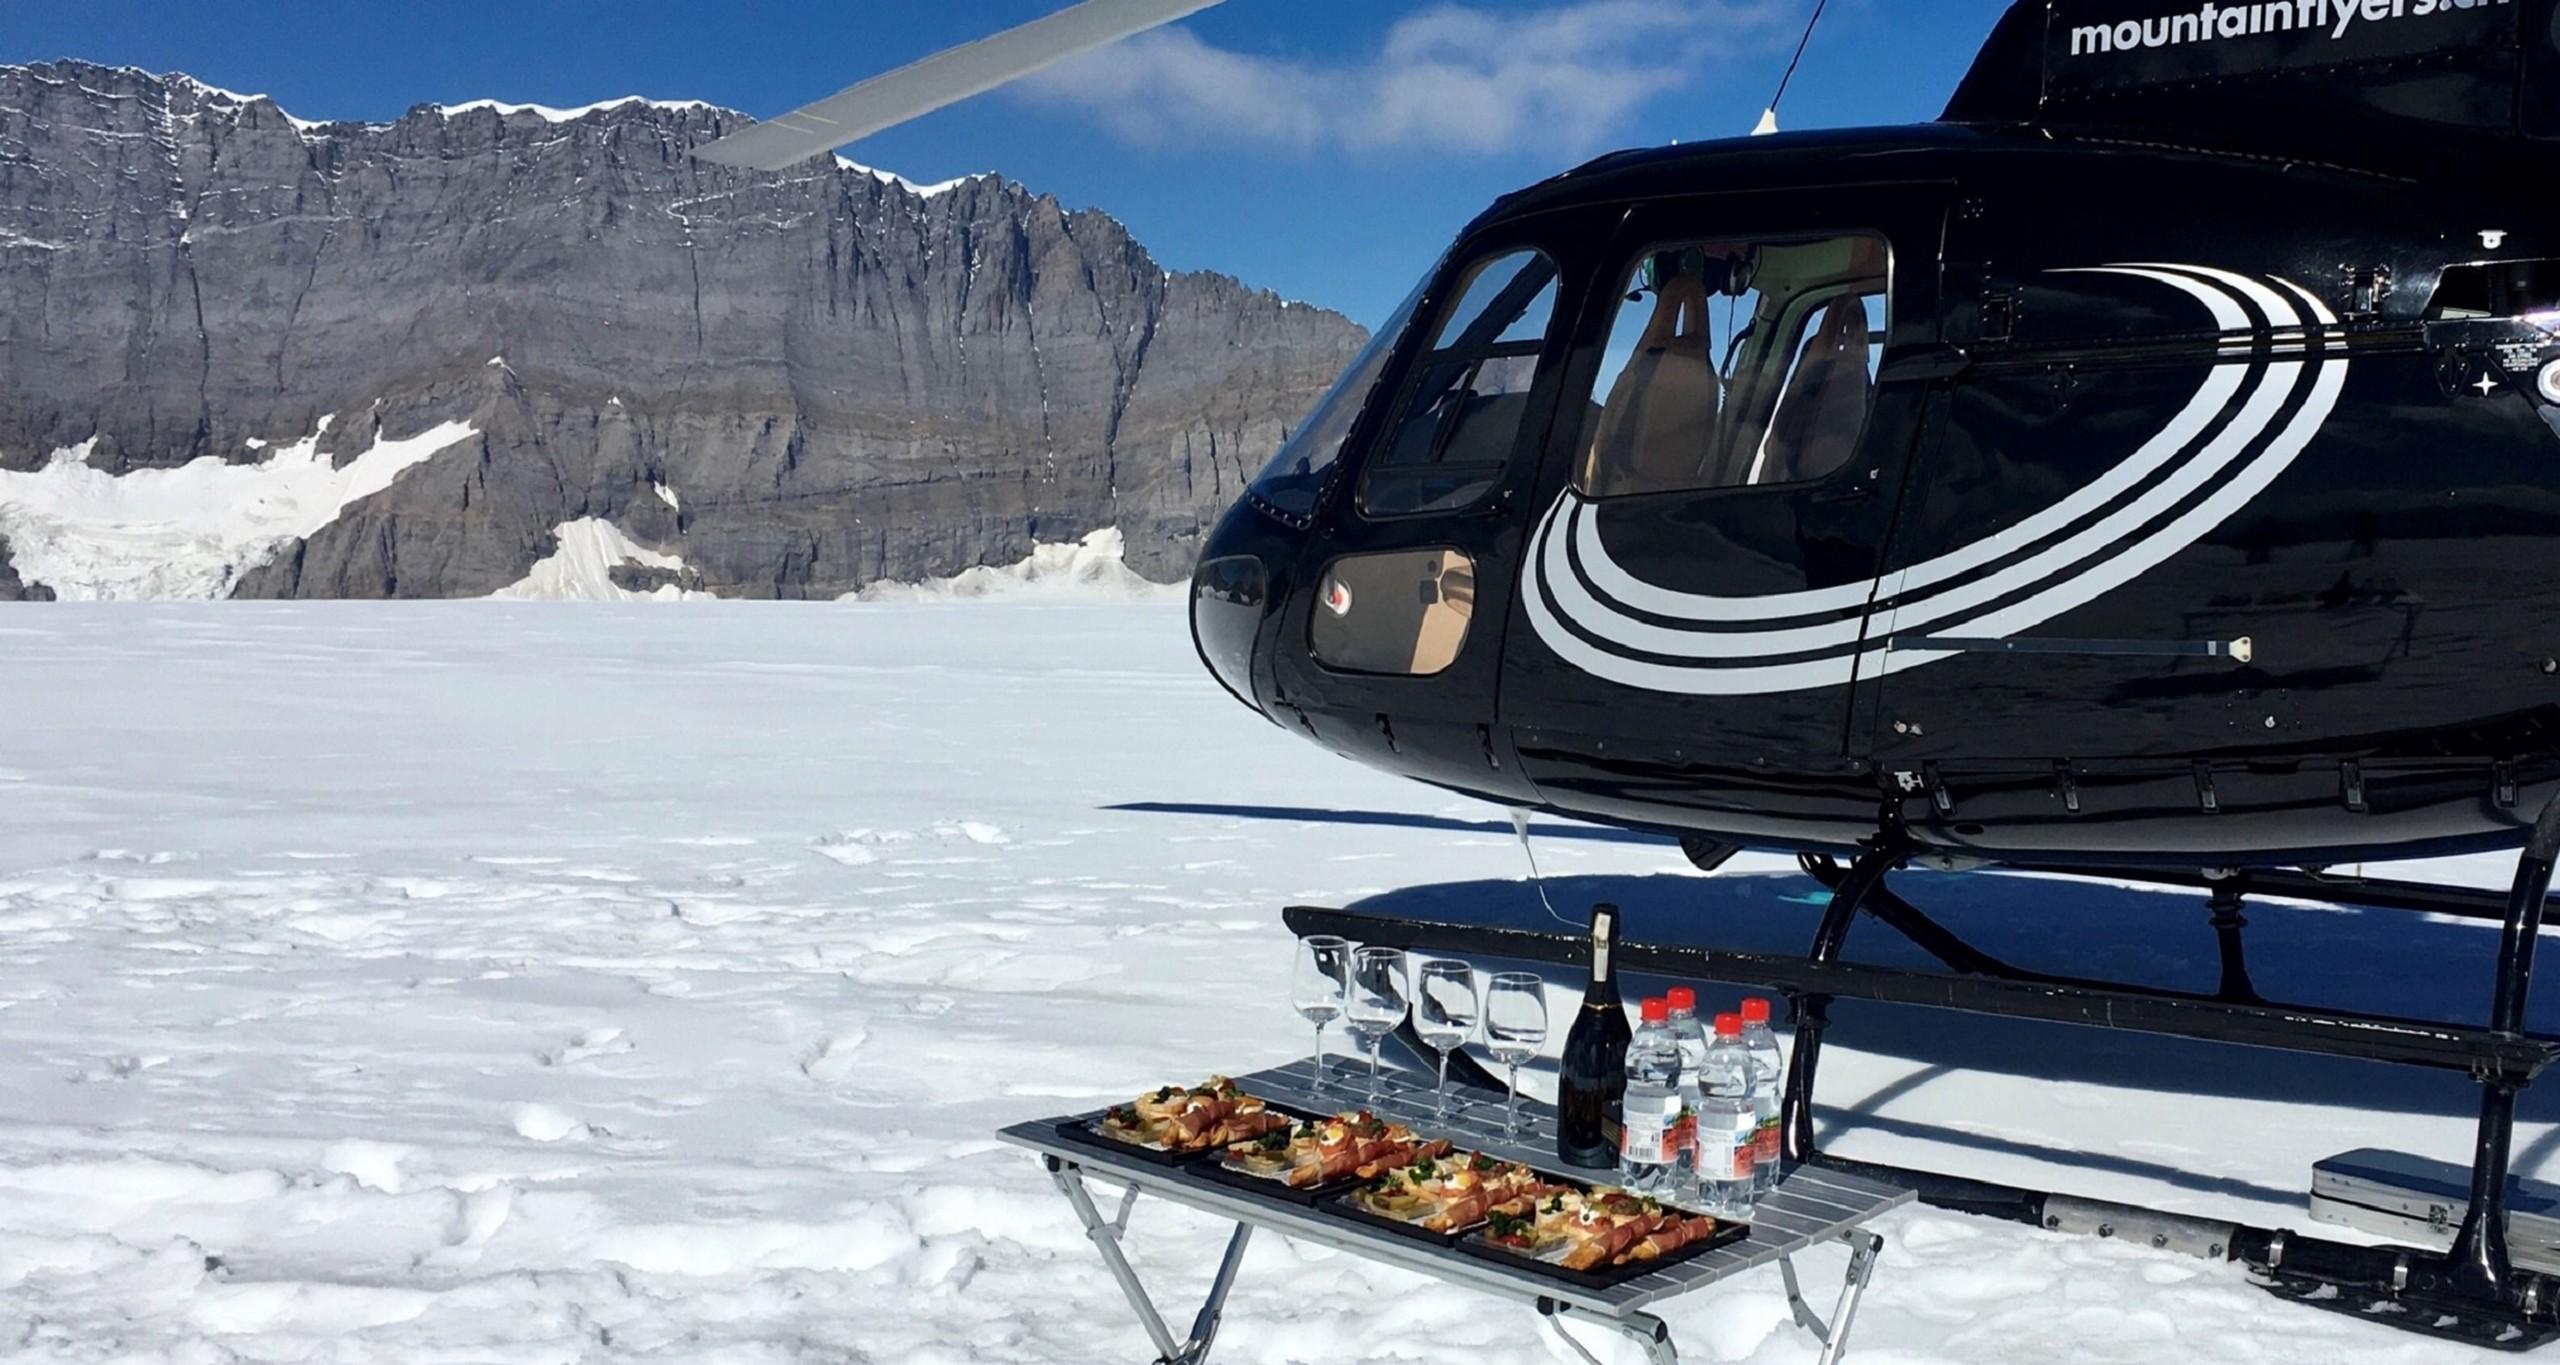 mountainflyers-helikopter